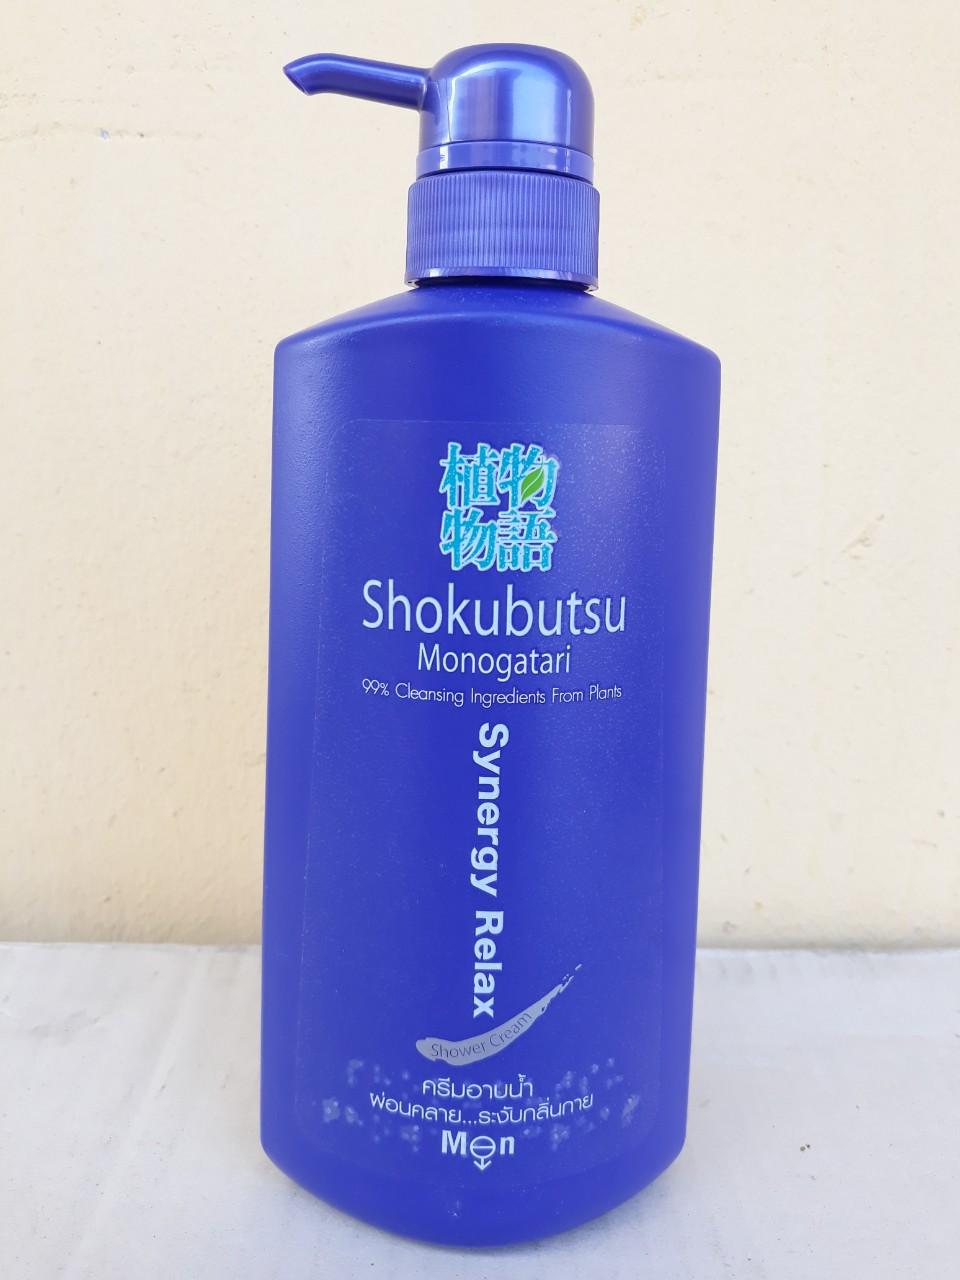 Sữa tắm Shokubutsu 500ml (Synergy relax - xanh đen) dành cho nam